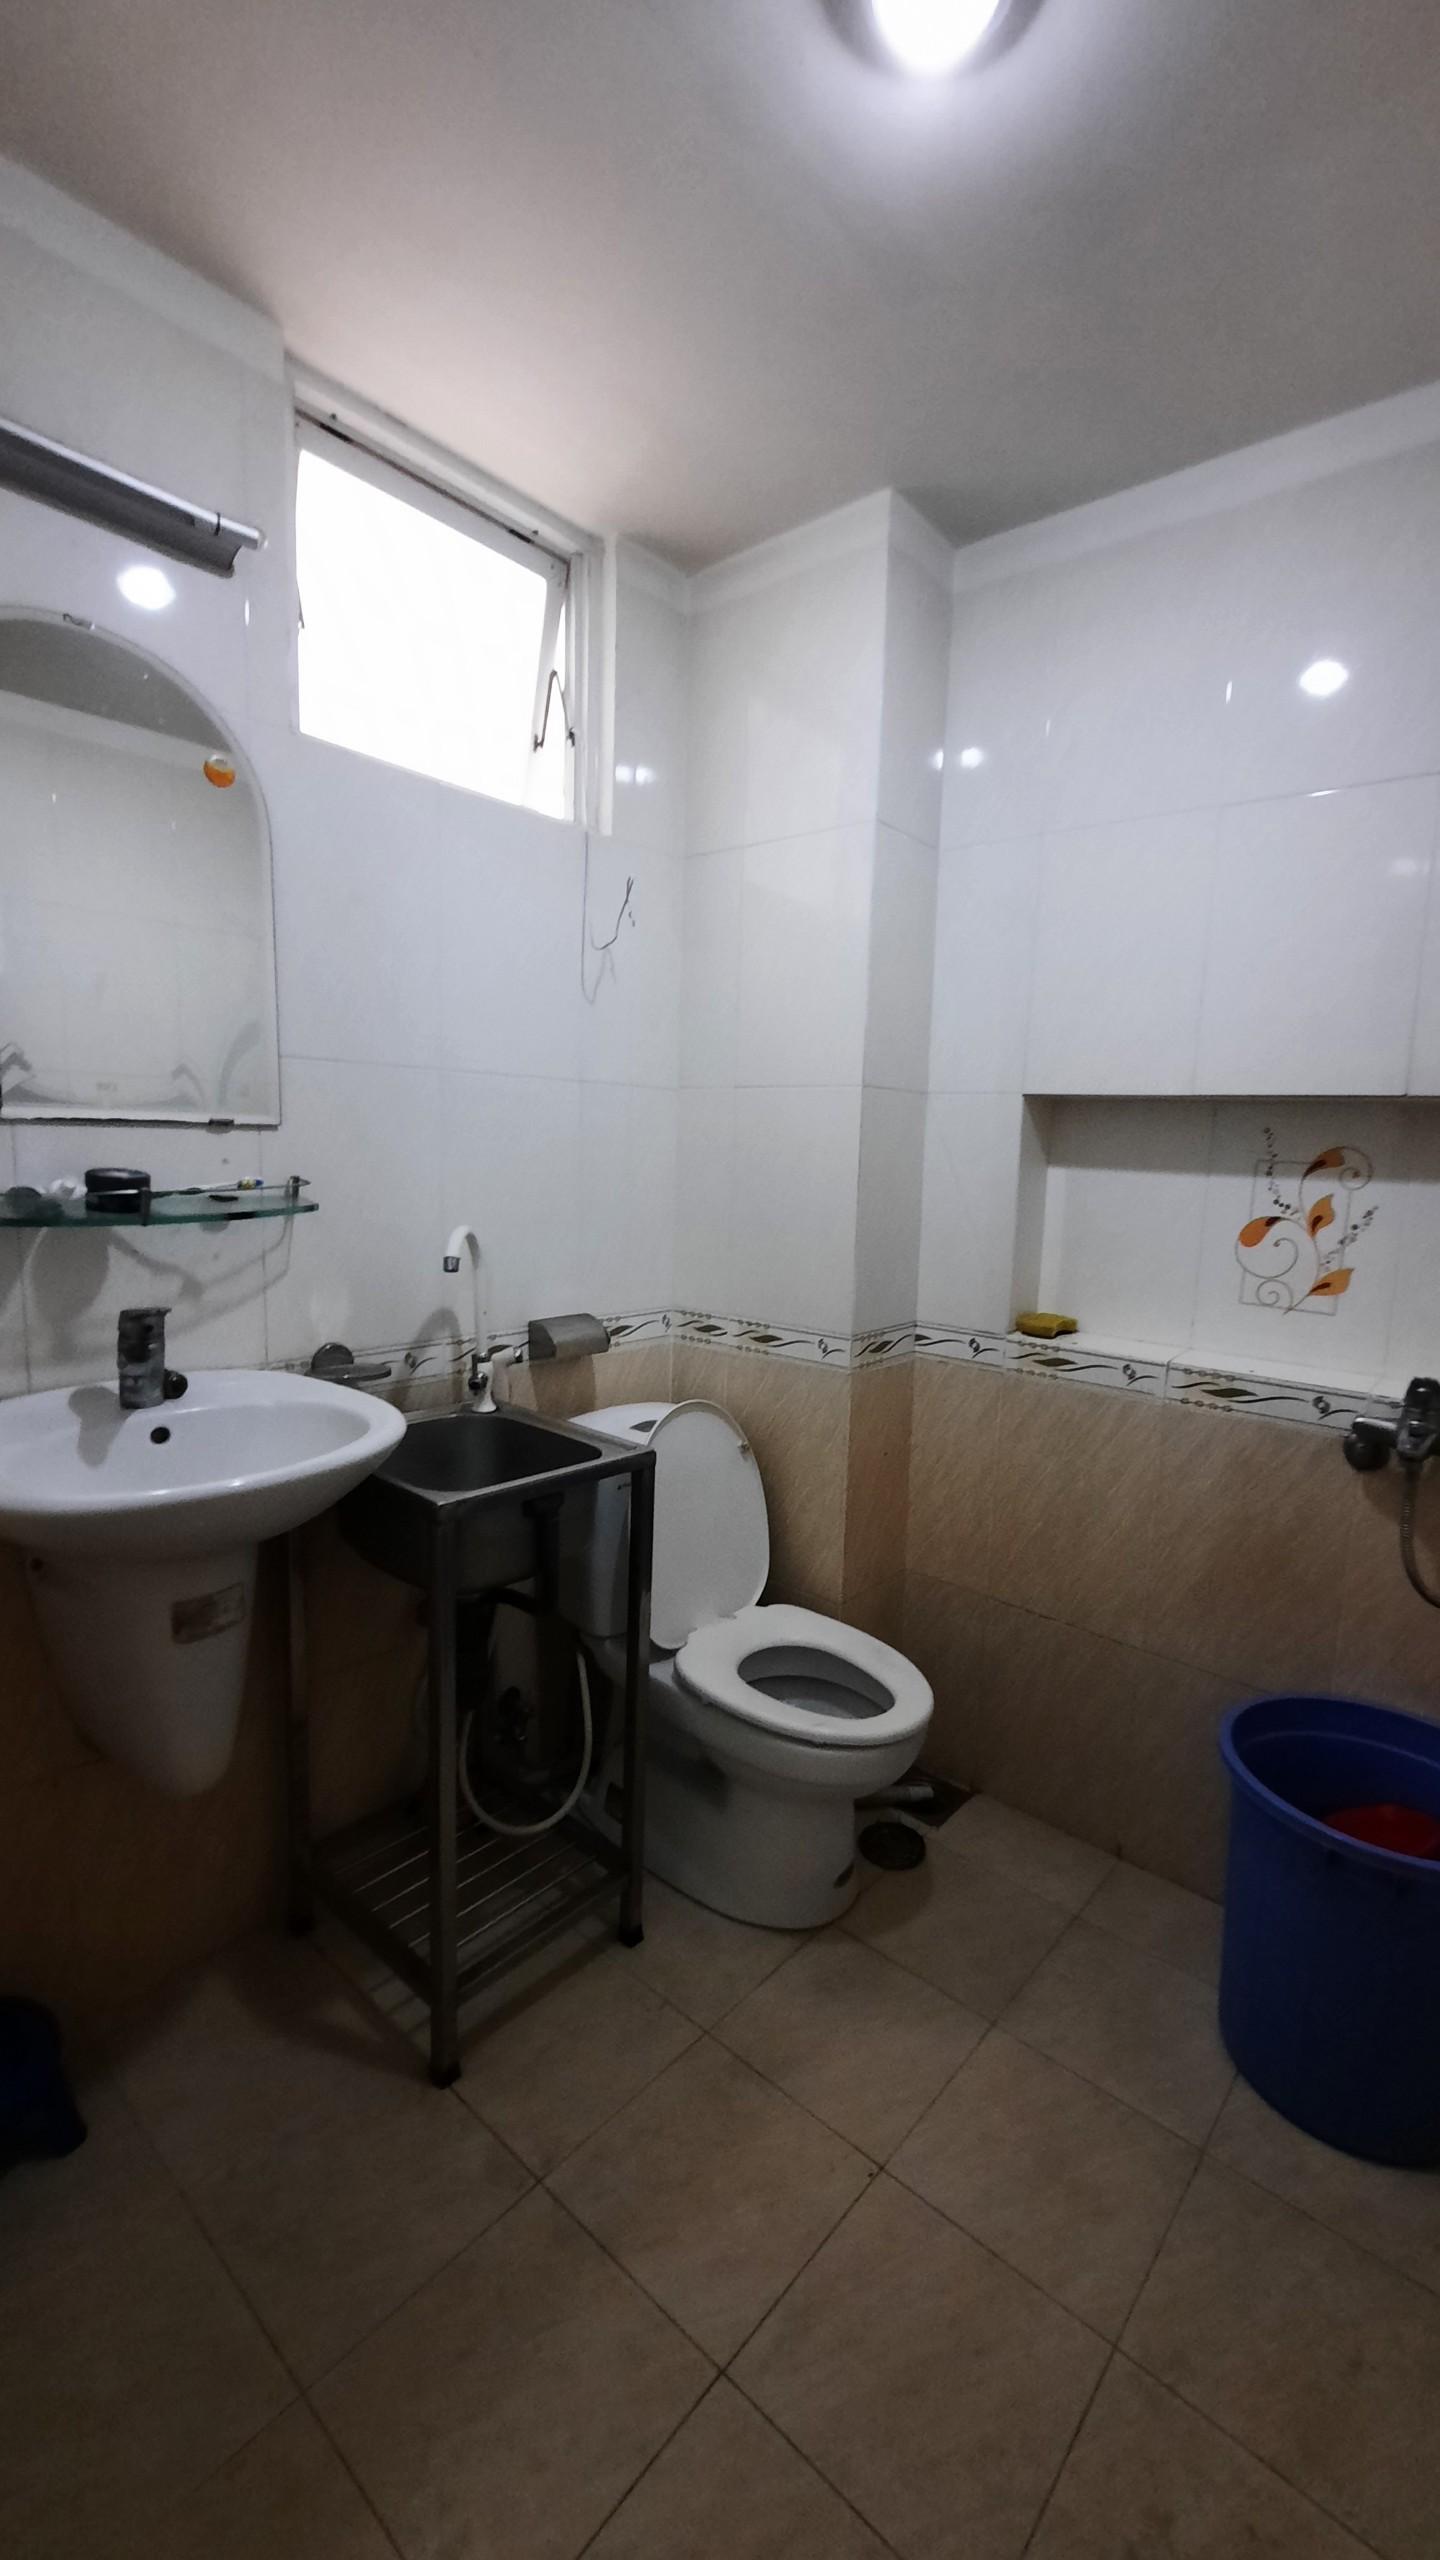 Phòng cho thuê ngay chân cầu Him Lam Quận 7 Diện tích: 25-30m2 Giá: 4tr-5tr